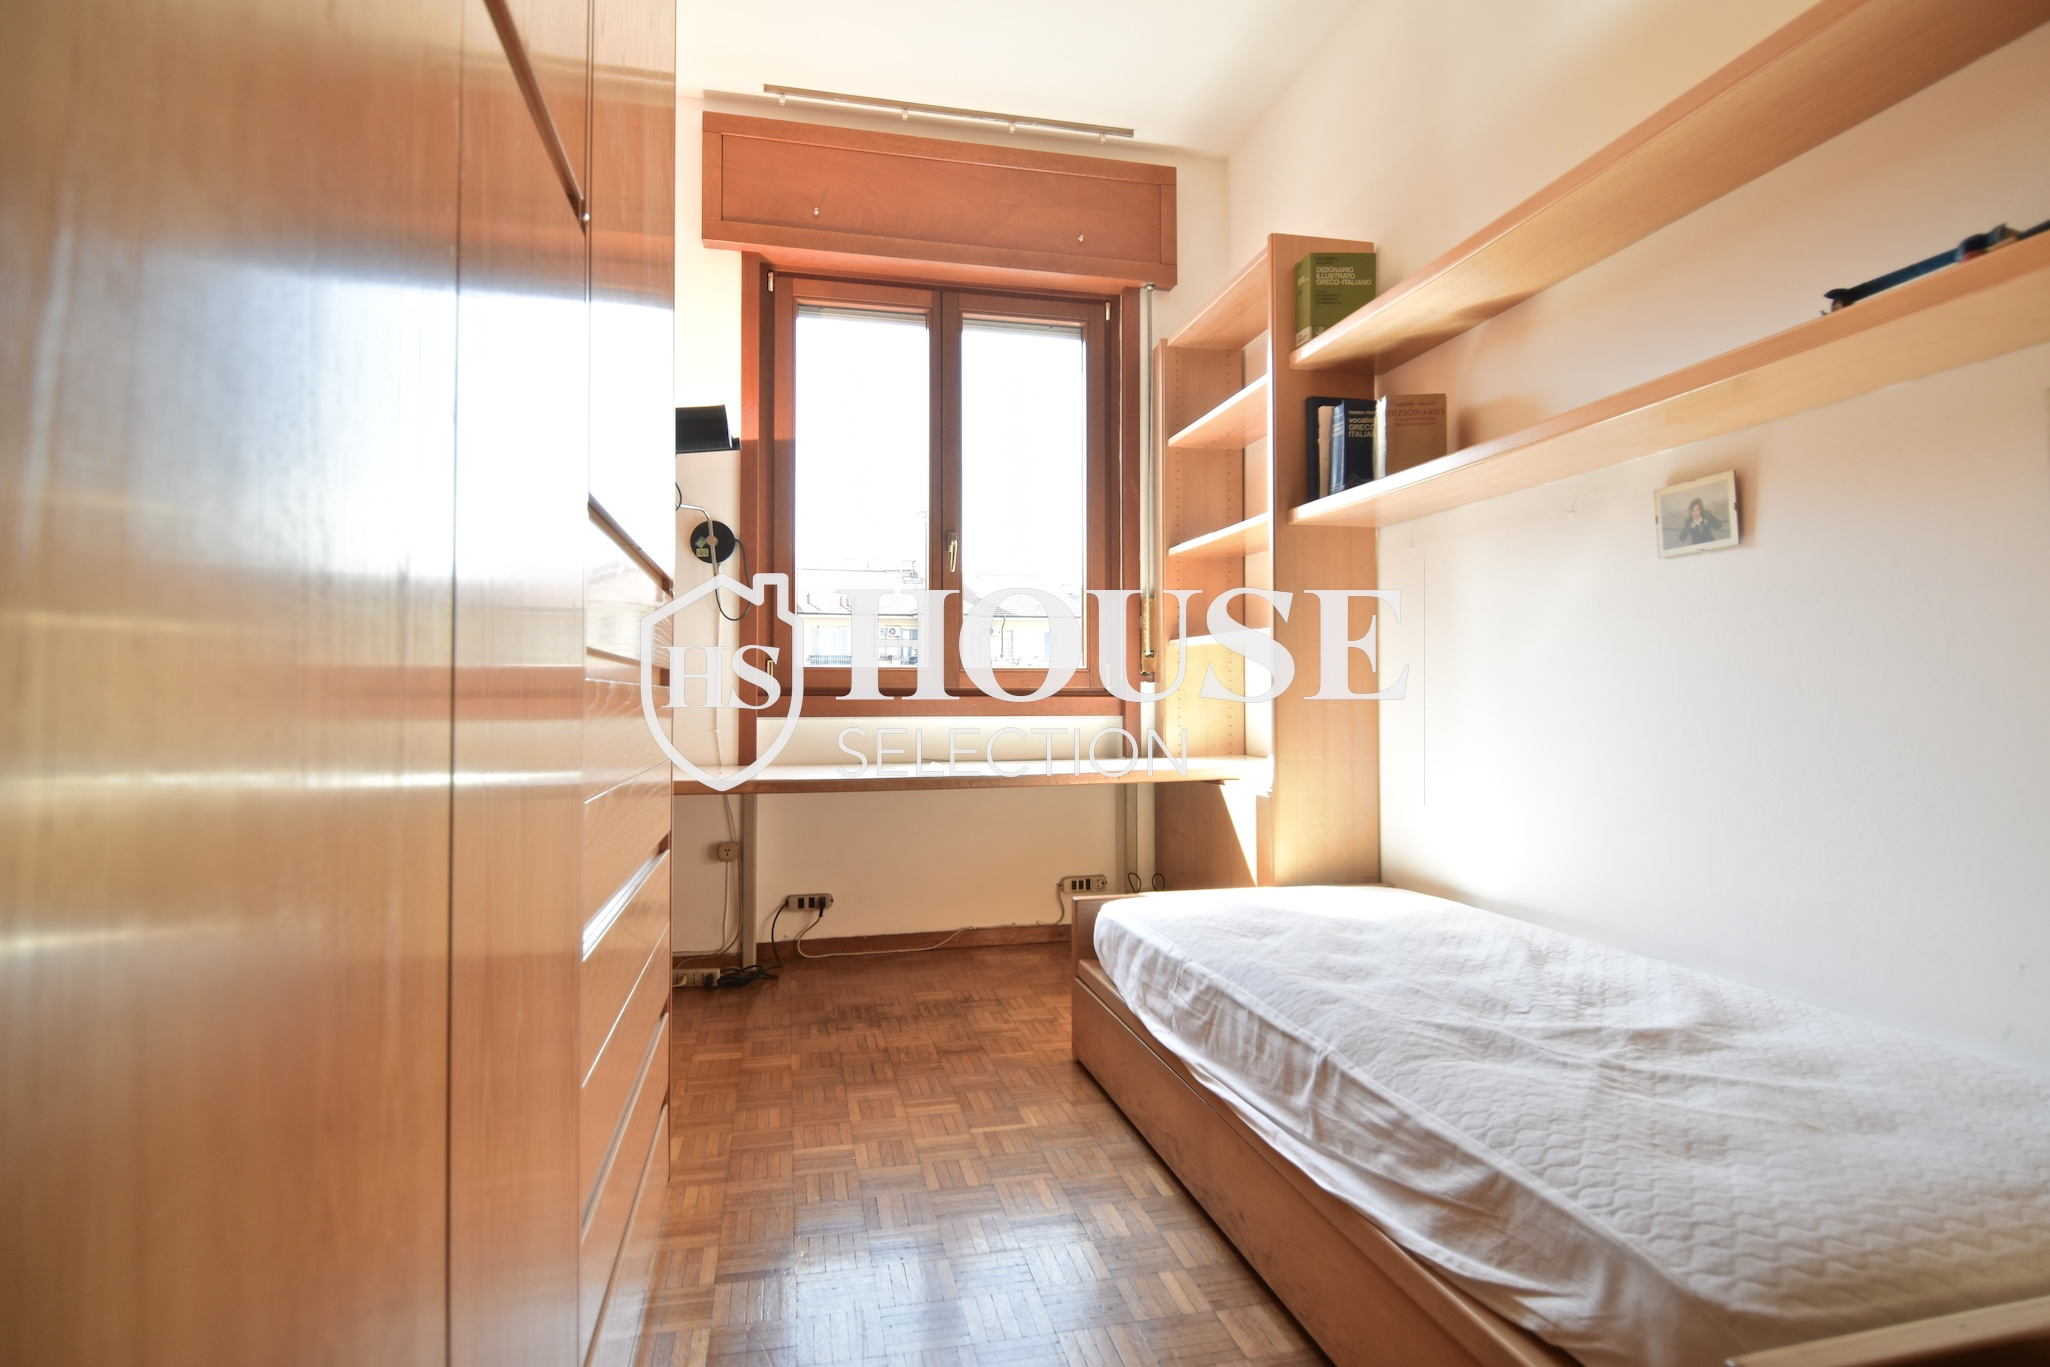 Vendita quadrilocale con balconi, piazza Bolivar, piano alto, luminoso, fermata metropolitana, Milano 5